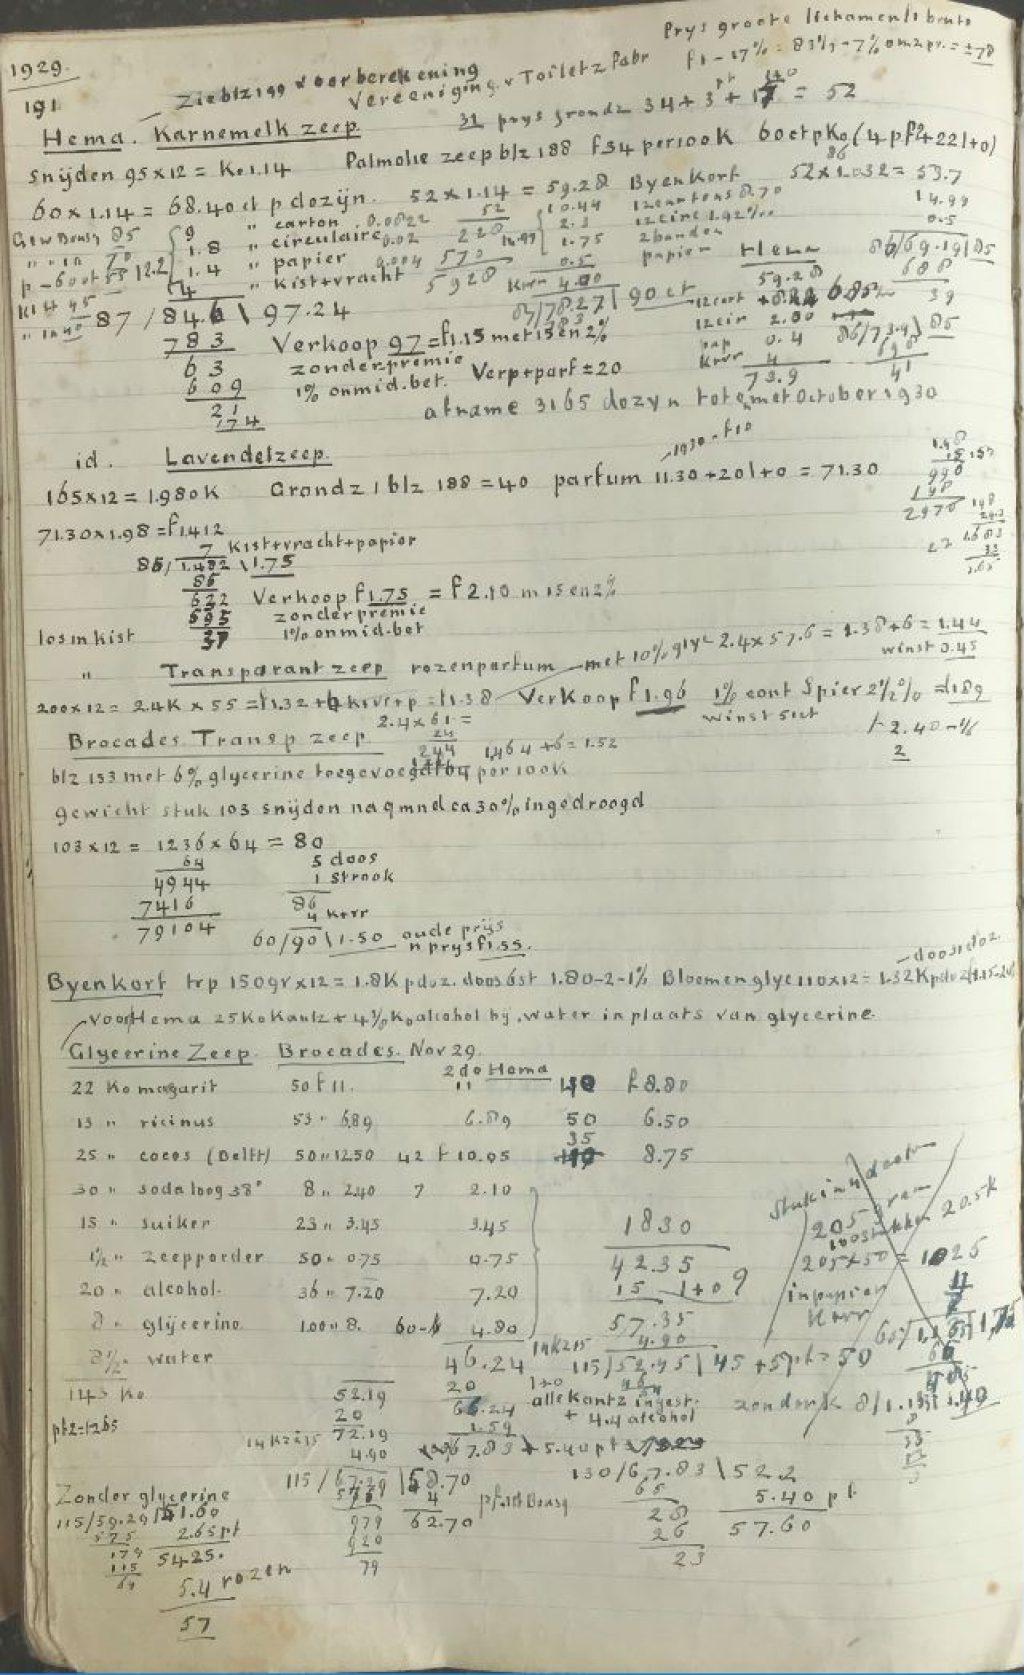 Recepten voor producten Zeepfabriek Bousquet, 1917-1935. (Archief 945 inv.nr 14)